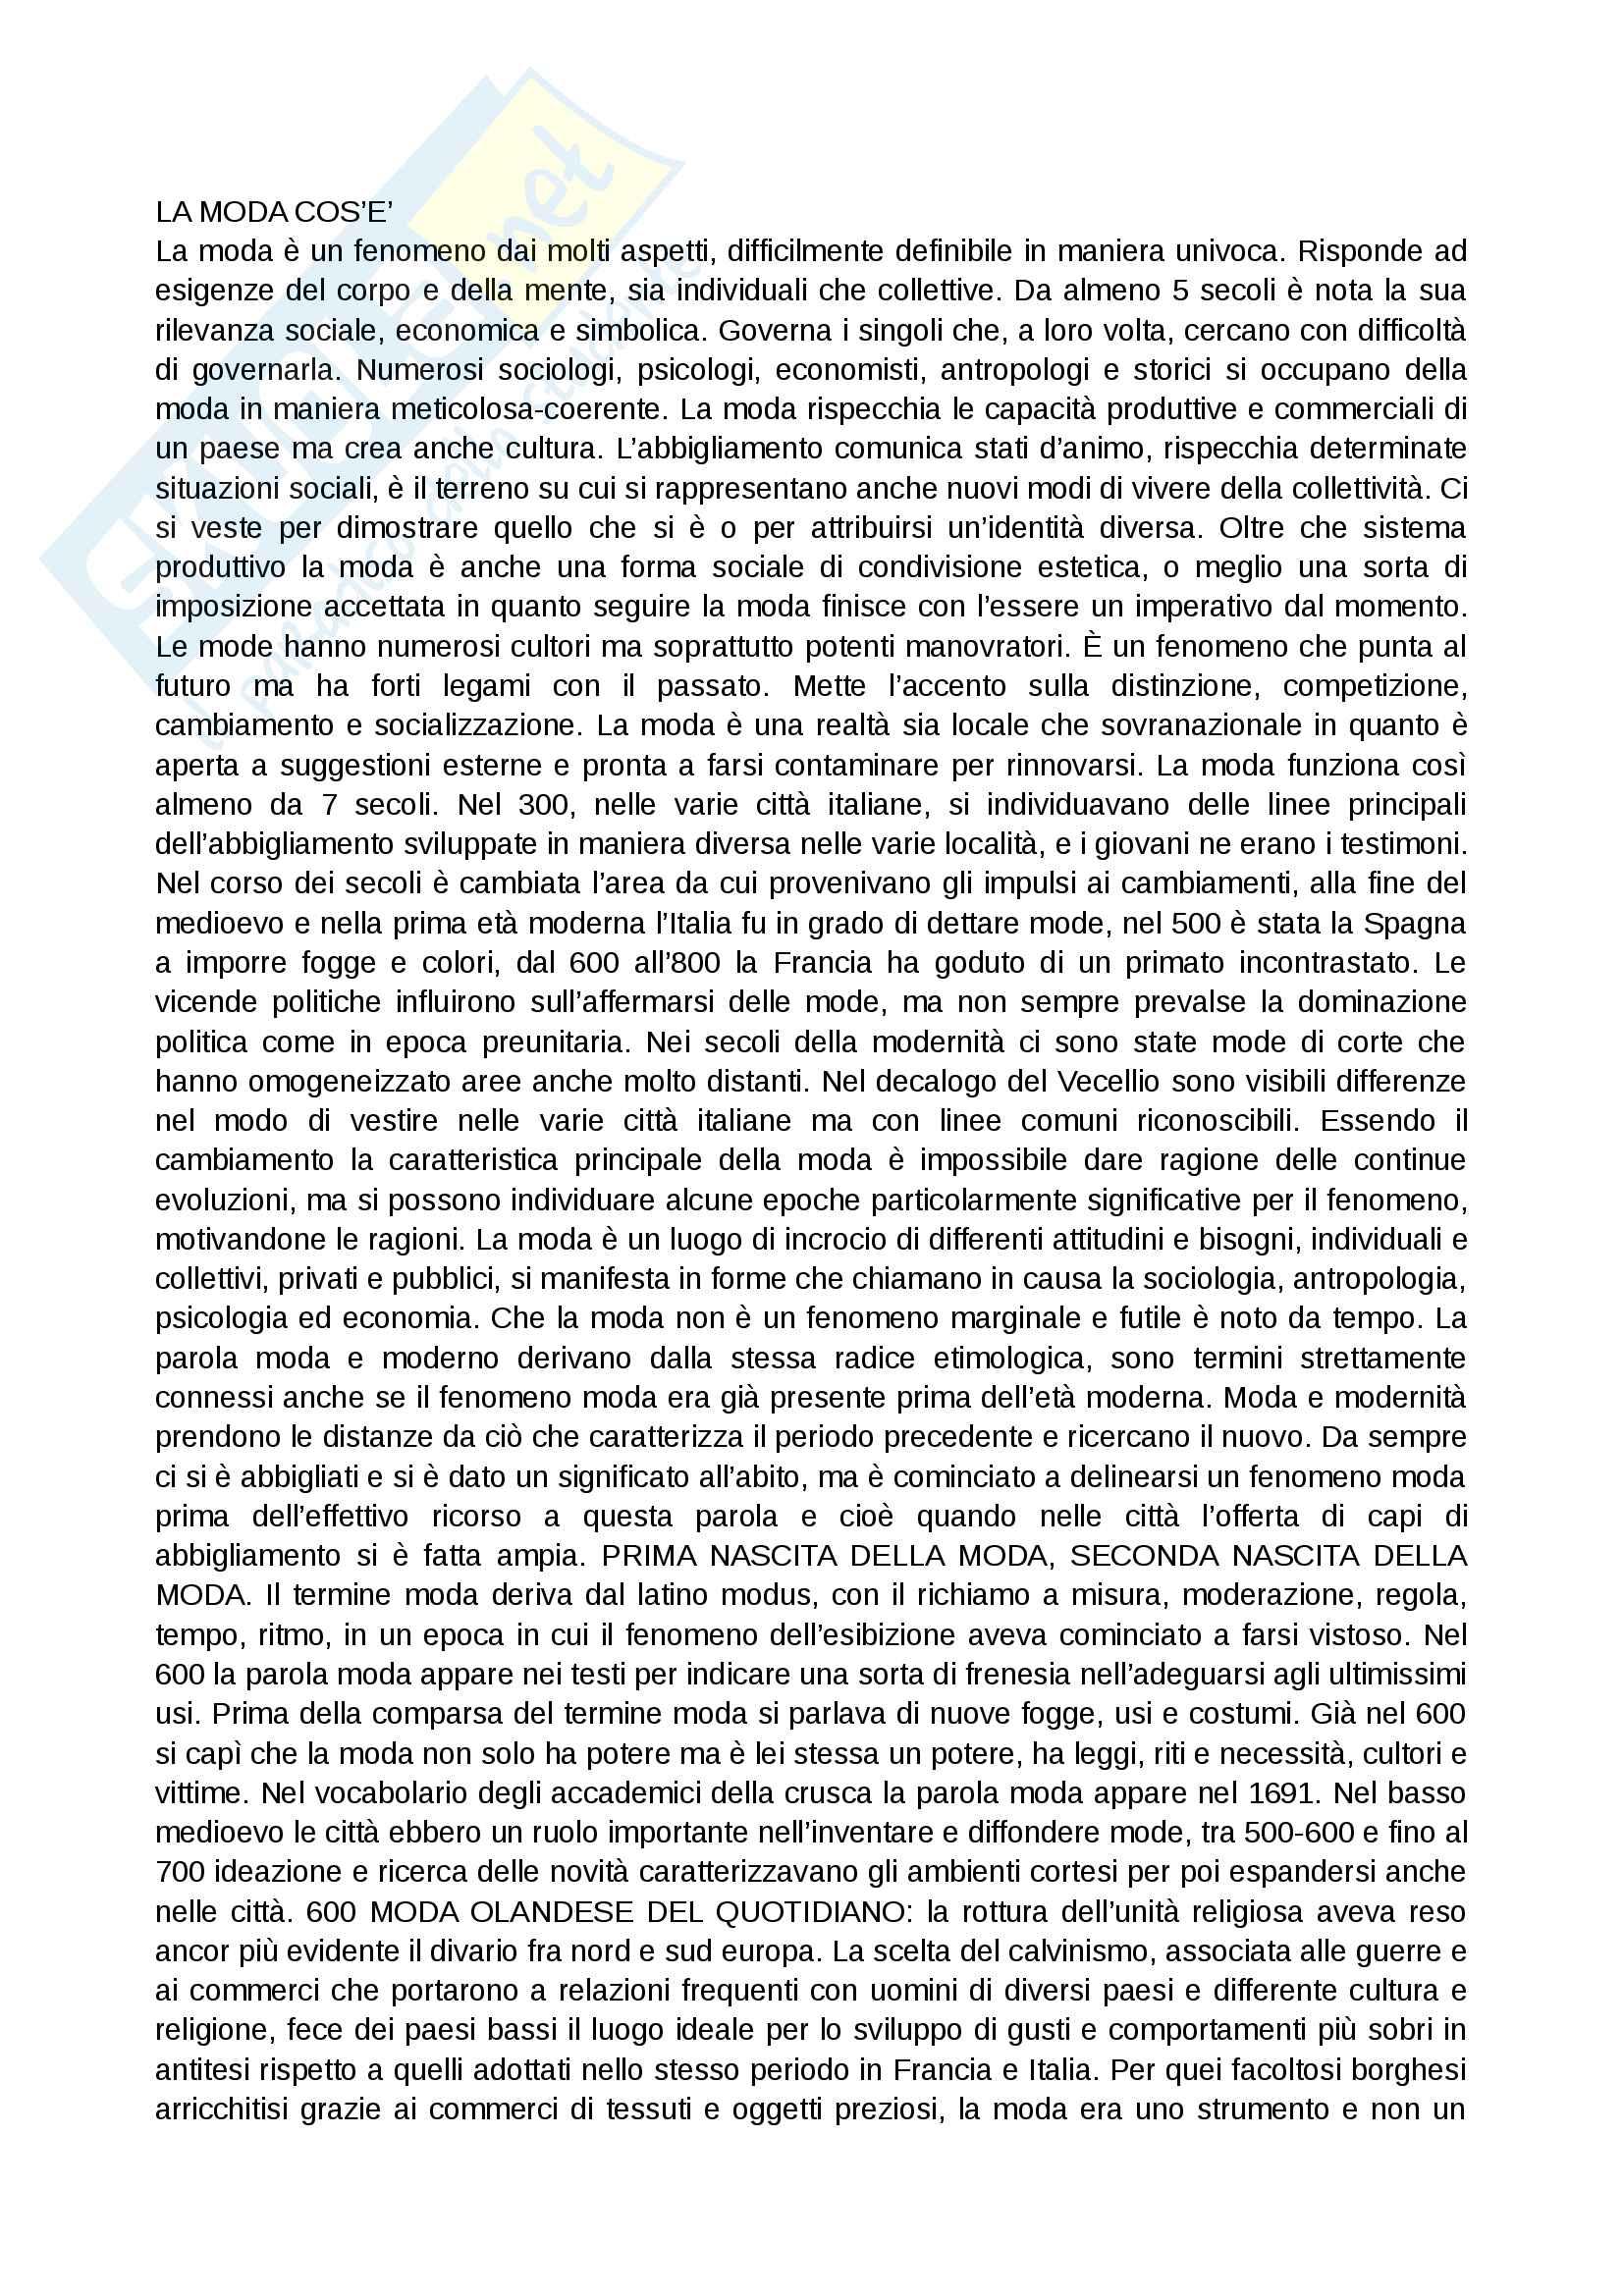 Riassunto esame storia del costume e della moda, prof.ssa Muzzarelli, libro consigliato Breve storia della moda in italia, Muzzarelli